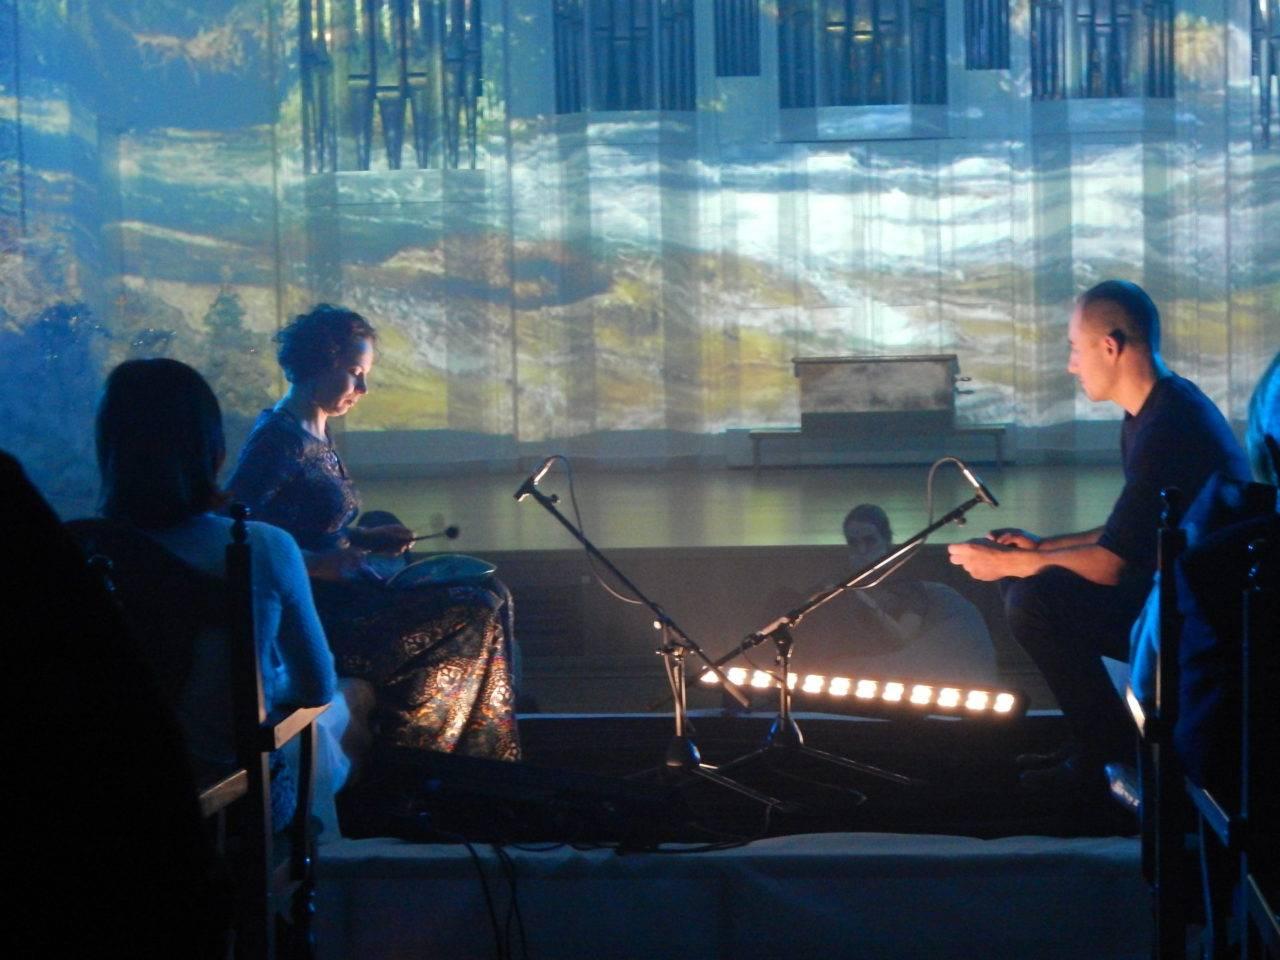 Творческий эксперимент удался: в Башгосфилармонии успешно стартовал проект «Лаунж-концерт. Фимбо»